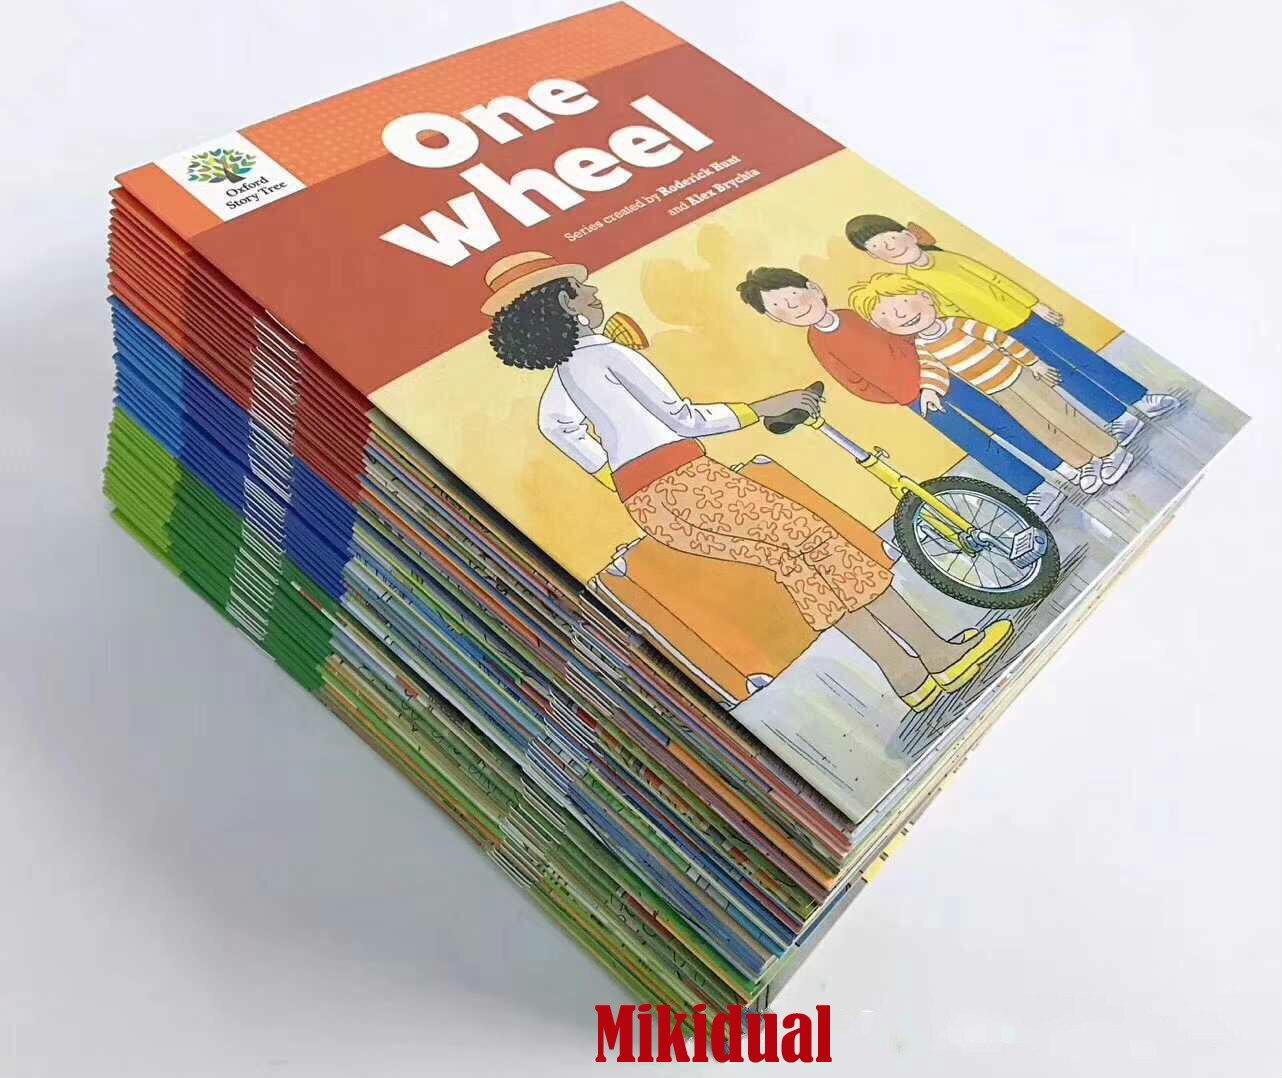 1 Set 52 livres 1-3 niveaux Oxford Story Tree bébé anglais lecture livre photo histoire maternelle jouets éducatifs pour les enfants - 2